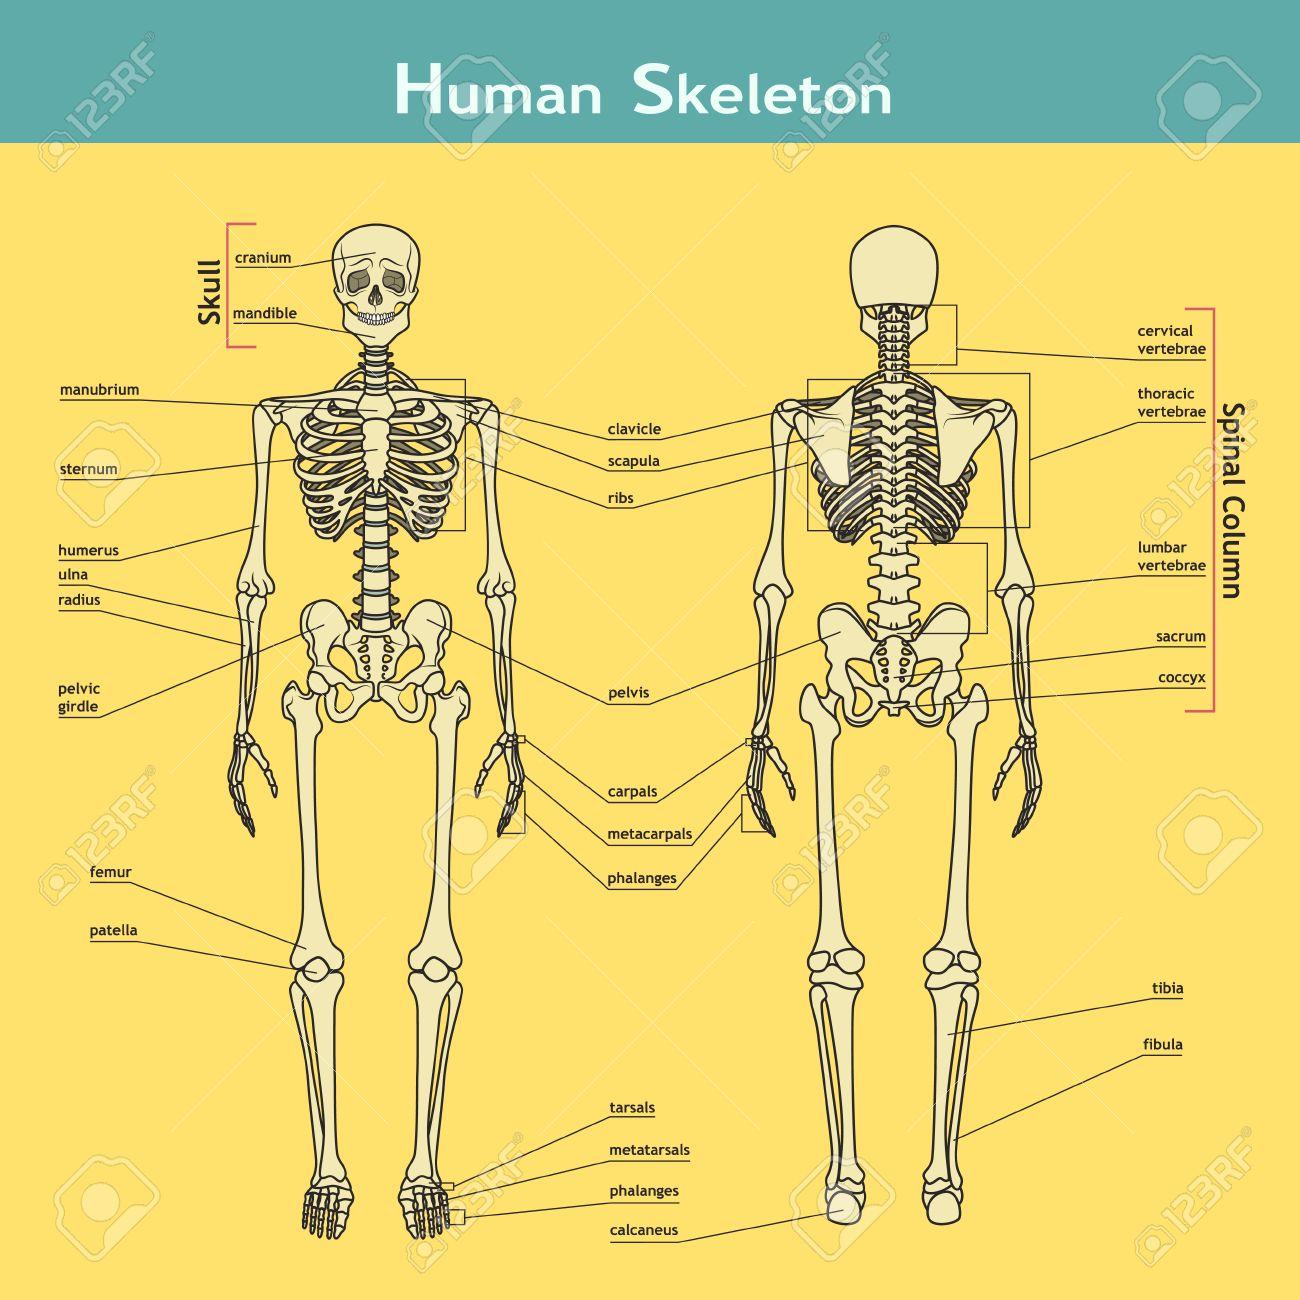 Banque d images - Vector illustration du squelette humain. carte Didactique  de l anatomie du système osseux humain. Illustration du système  squelettique ... 201433f146a